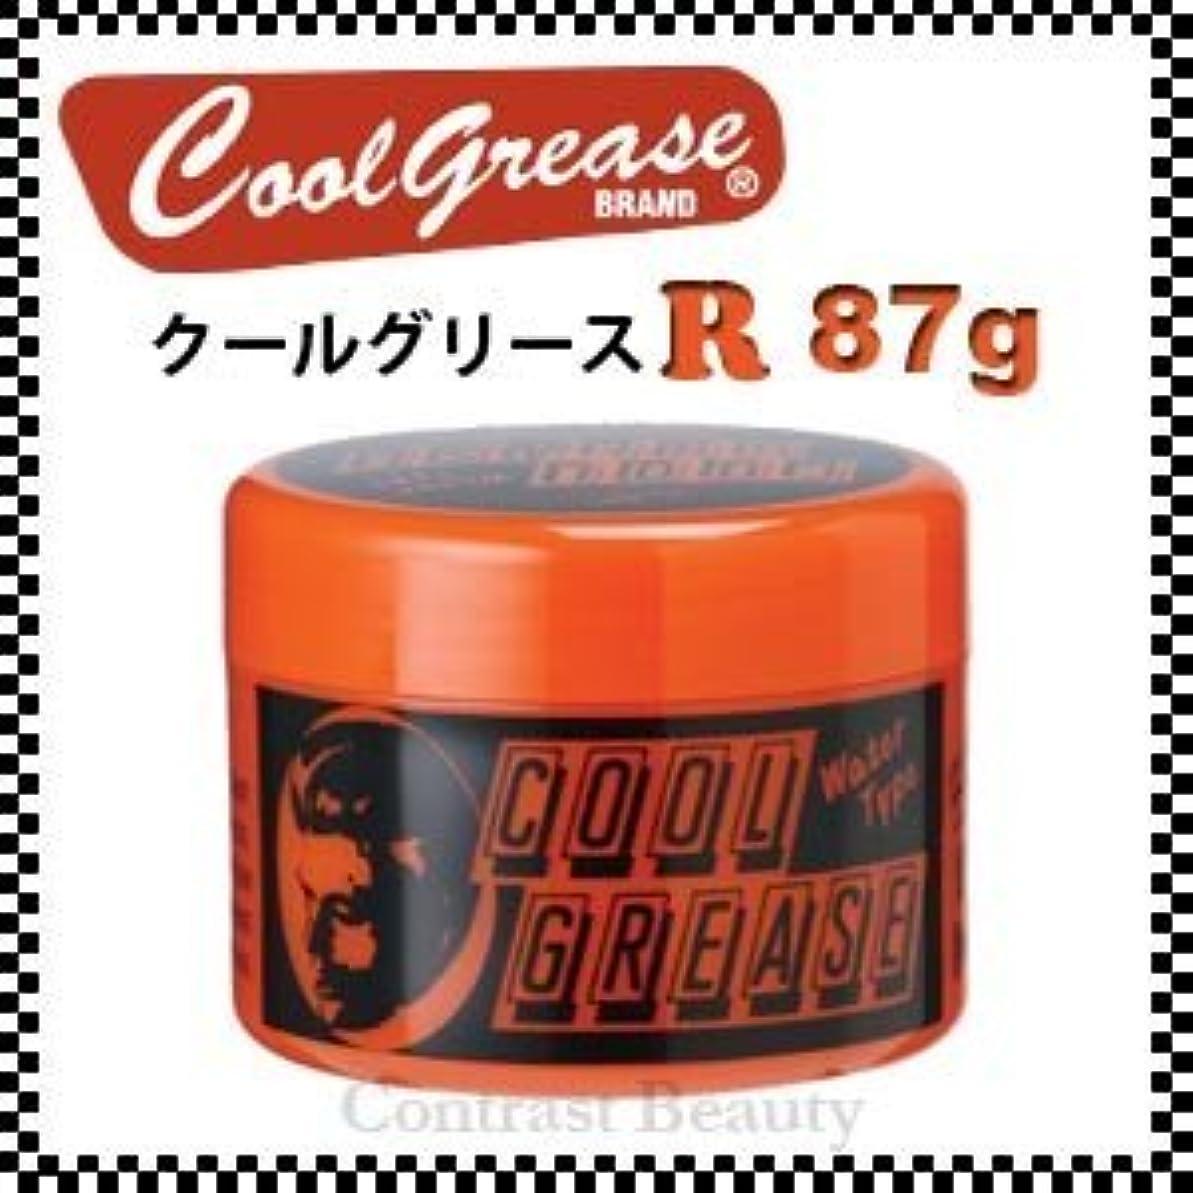 非互換思春期枝阪本高生堂 クールグリース R 87g